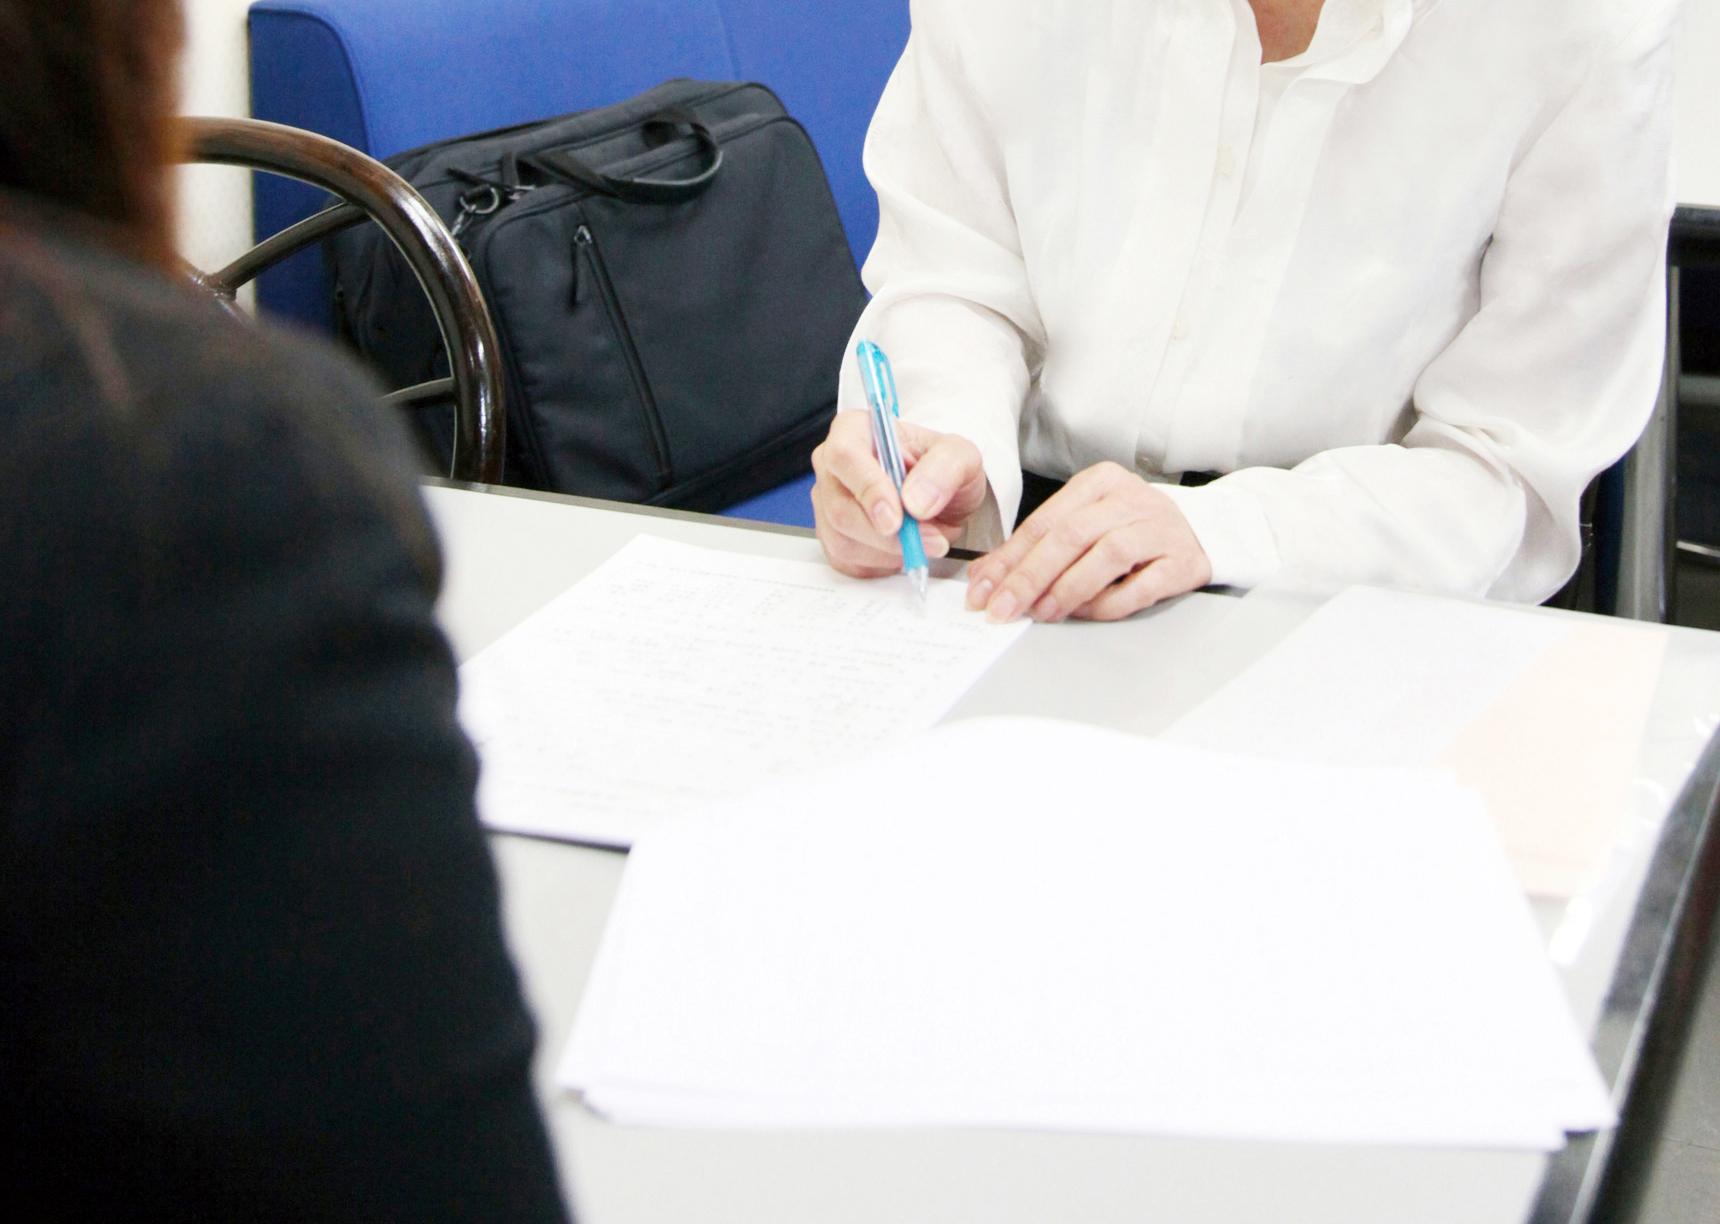 高校入試の面接シートとは?長所や短所を書くときのポイント